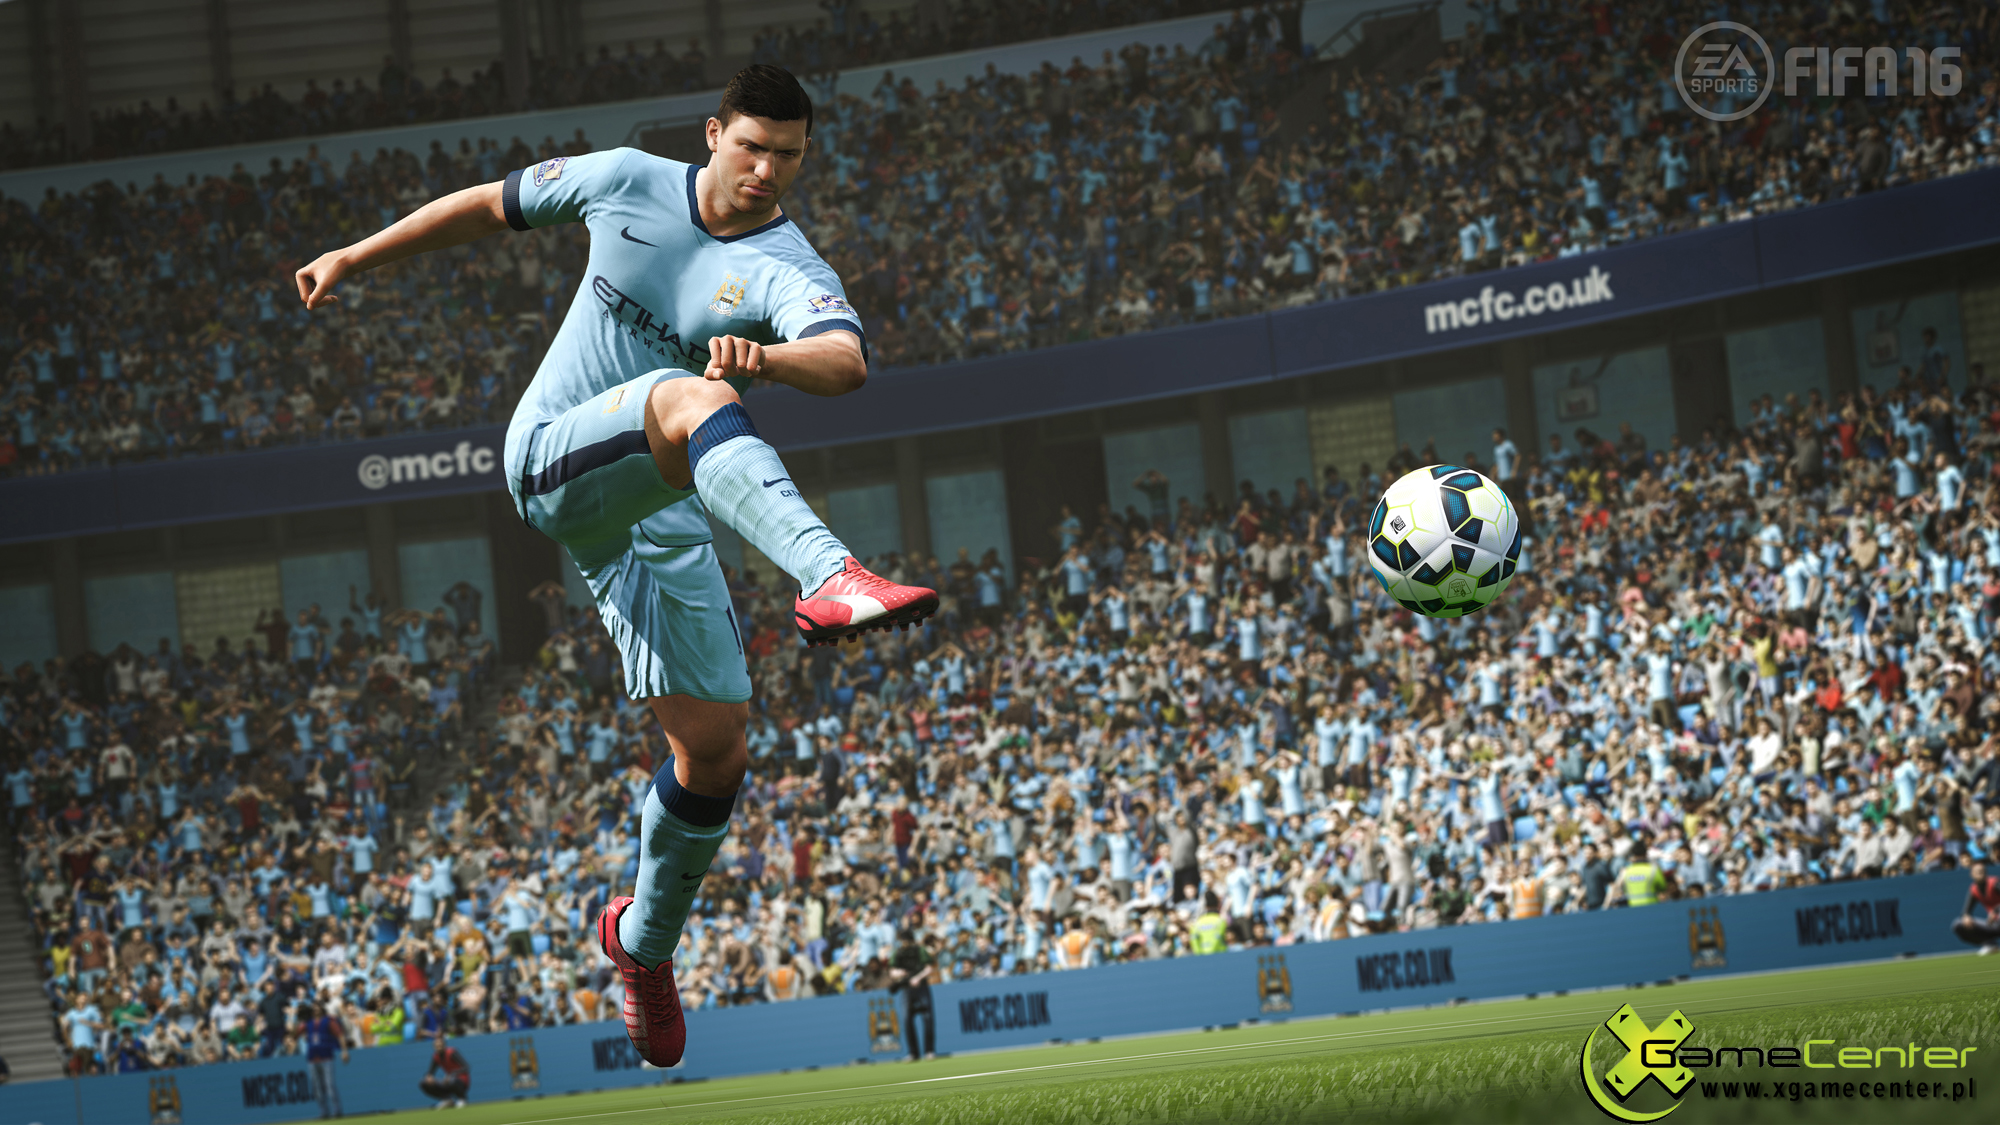 FIFA16 XboxOne PS4 E3 Aguero2 HR screen xgamecenter